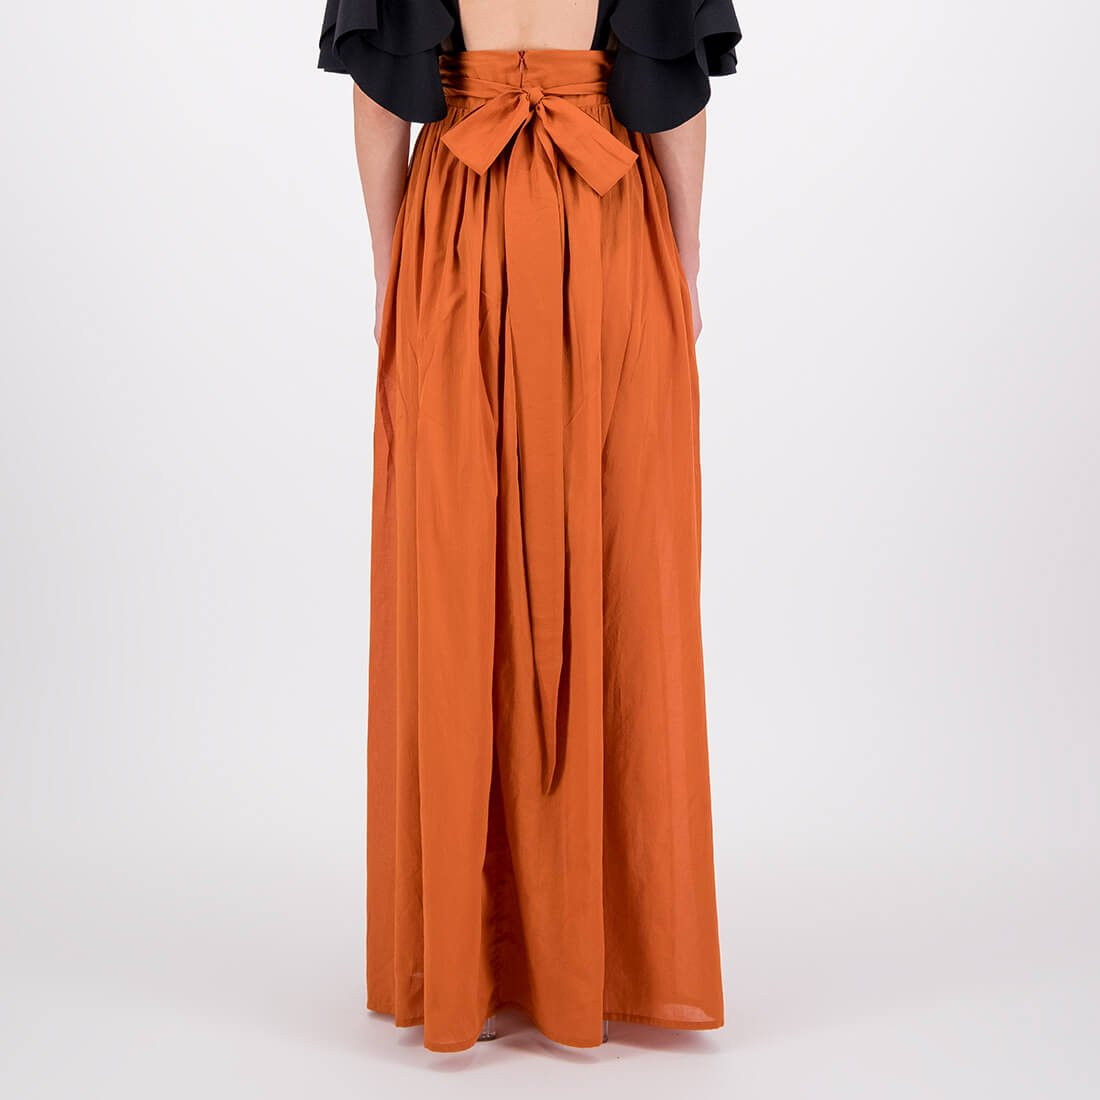 Full-length 100% cotton skirt 3